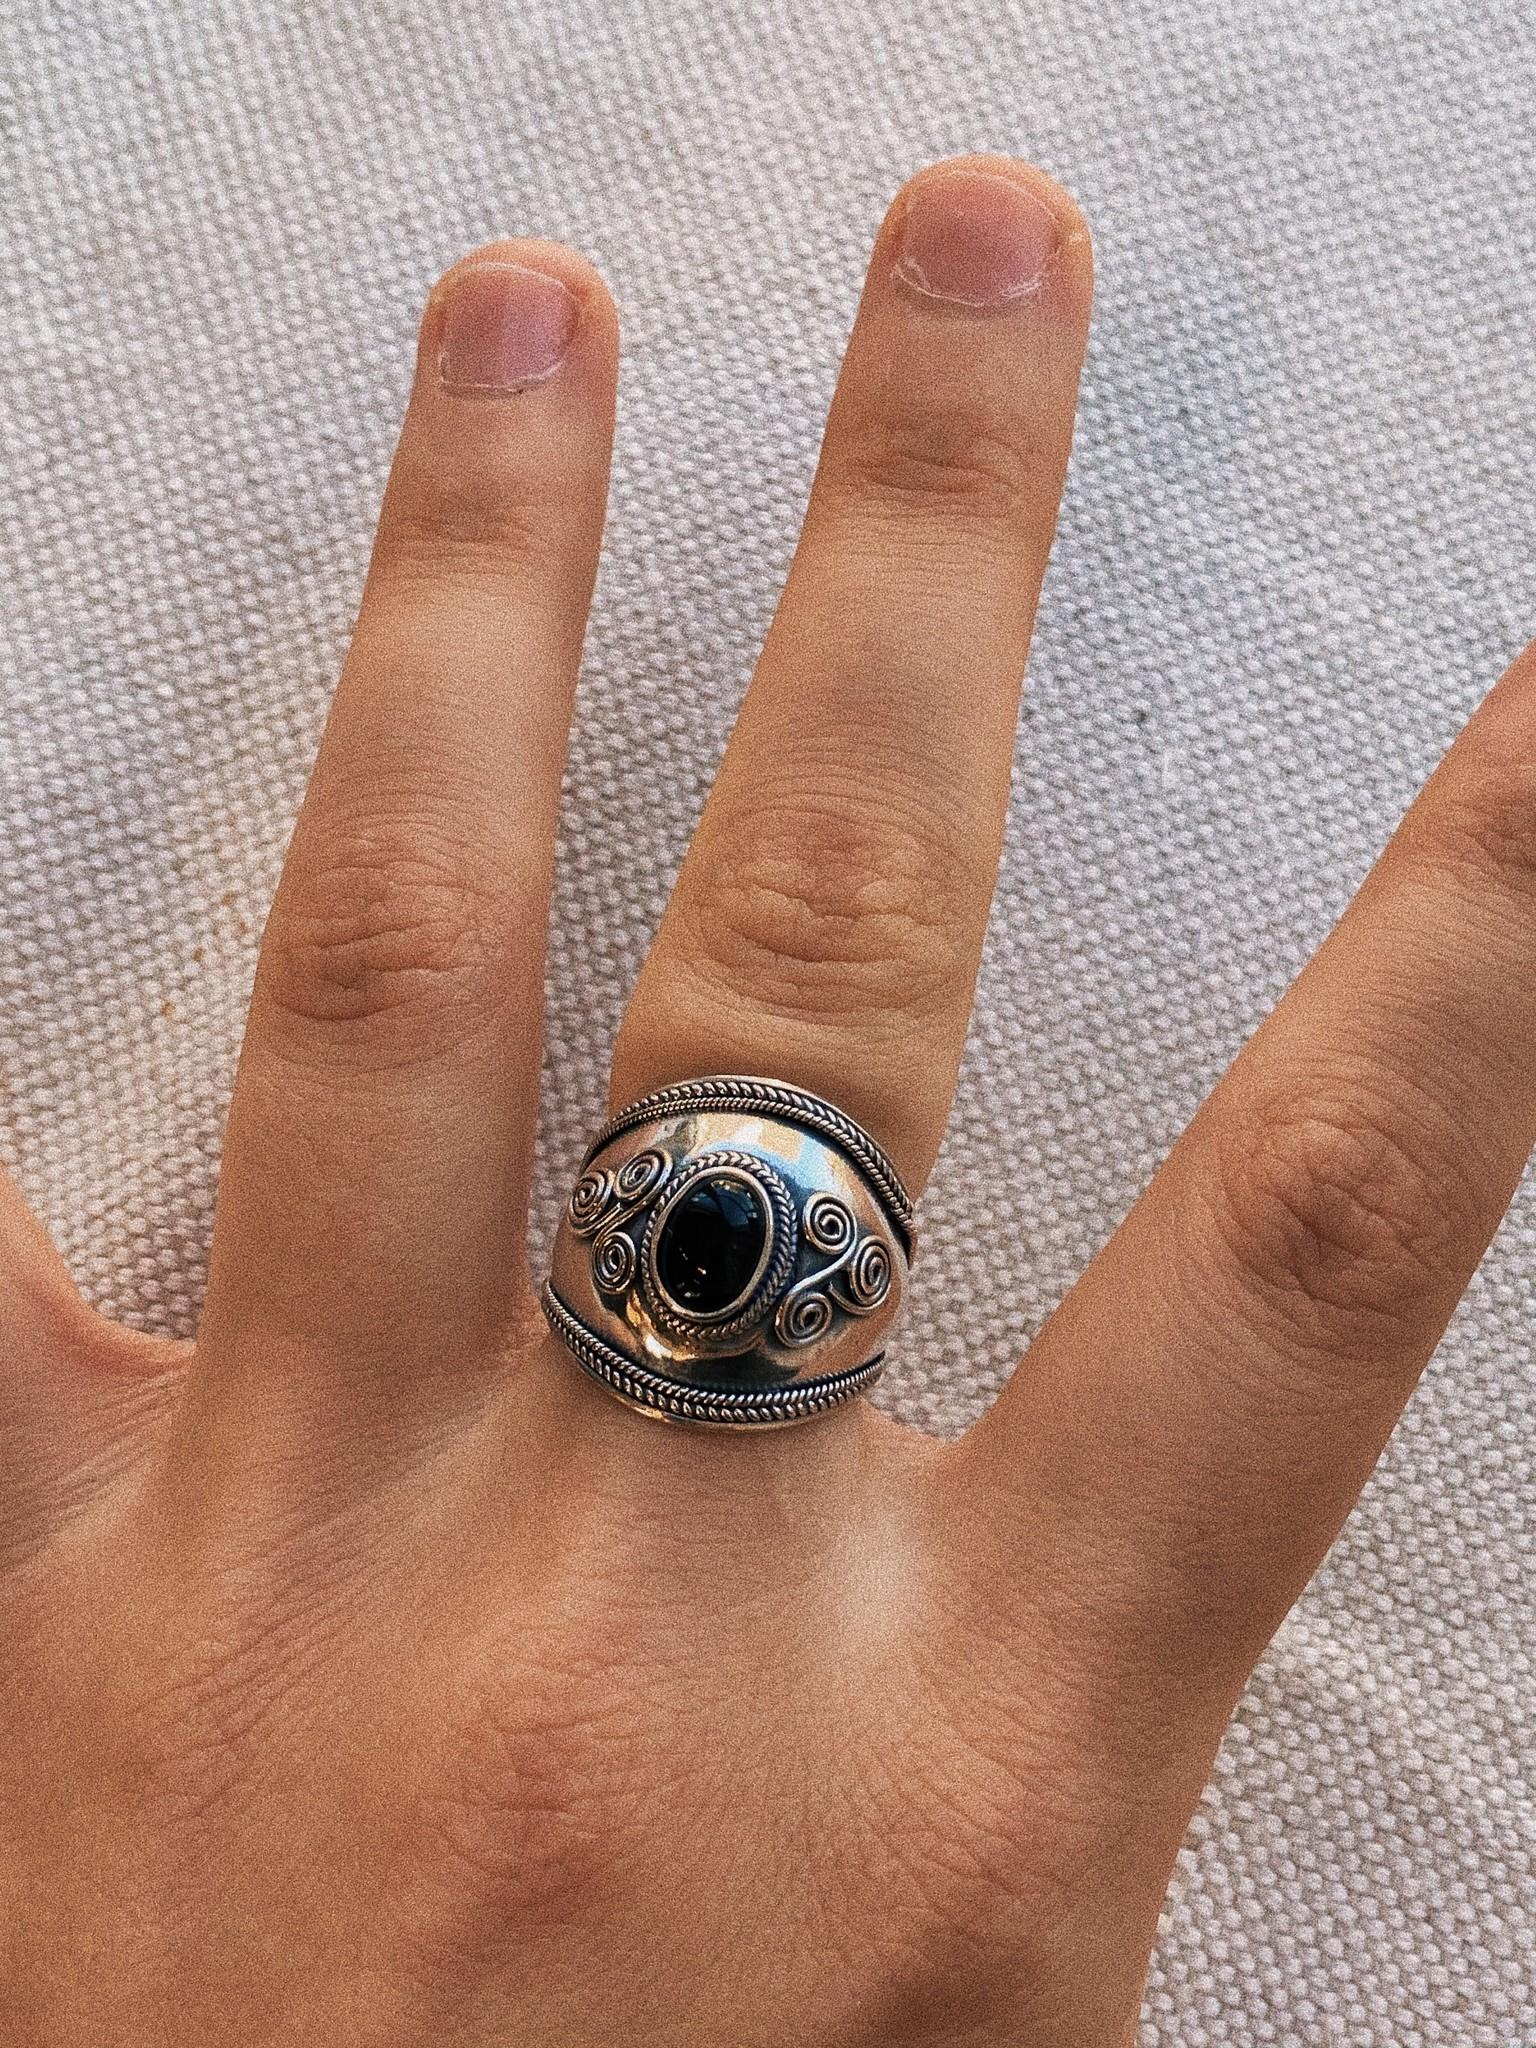 Ring 88-2